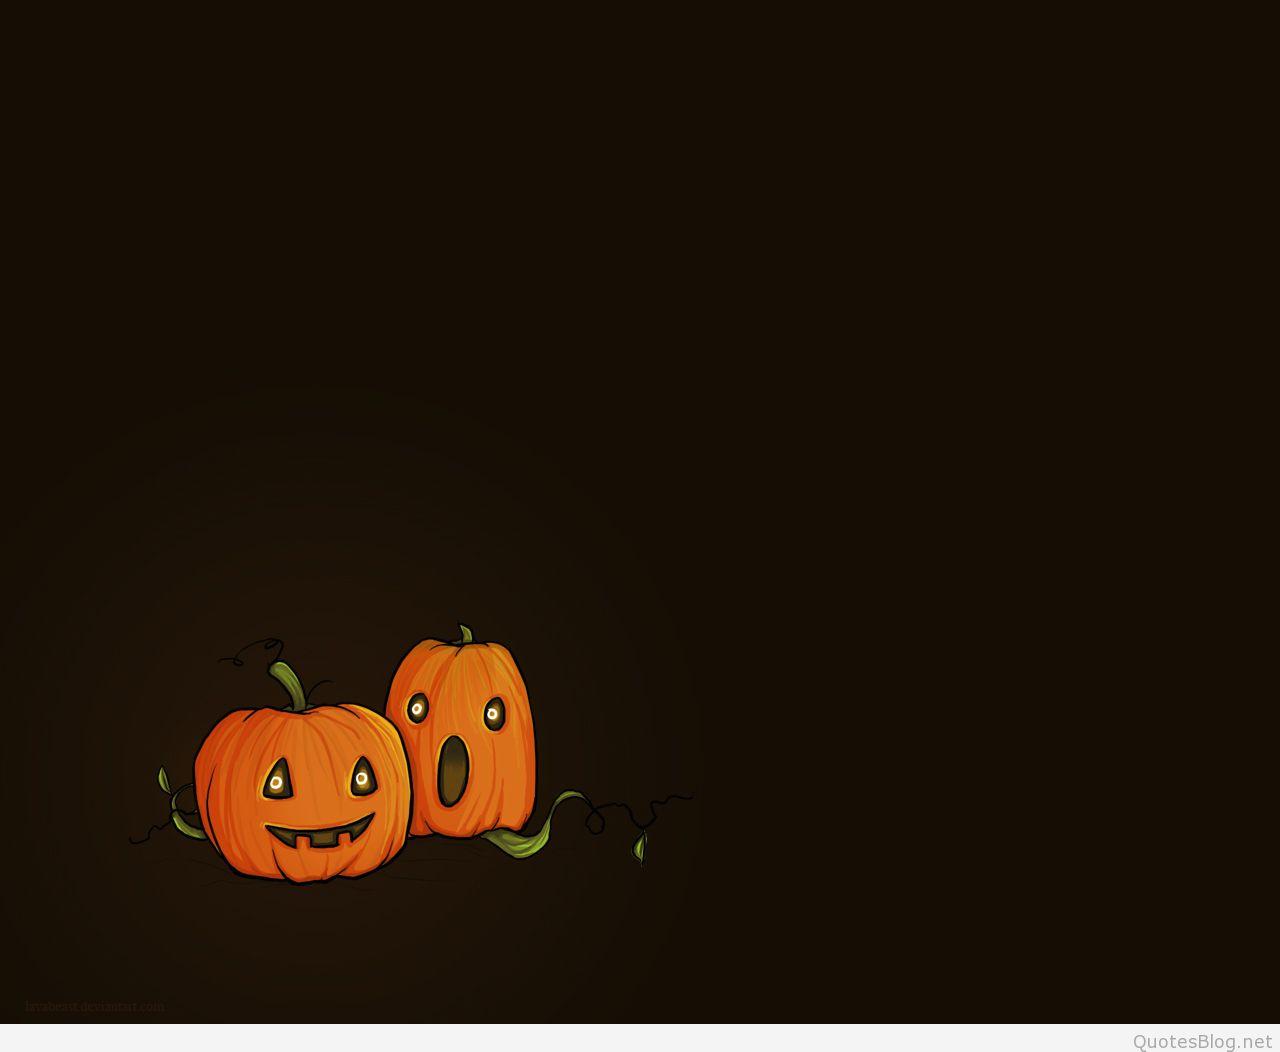 Cute Halloween Wallpaper Iphone Halloween Pumpkins 1280x1052 Download Hd Wallpaper Wallpapertip